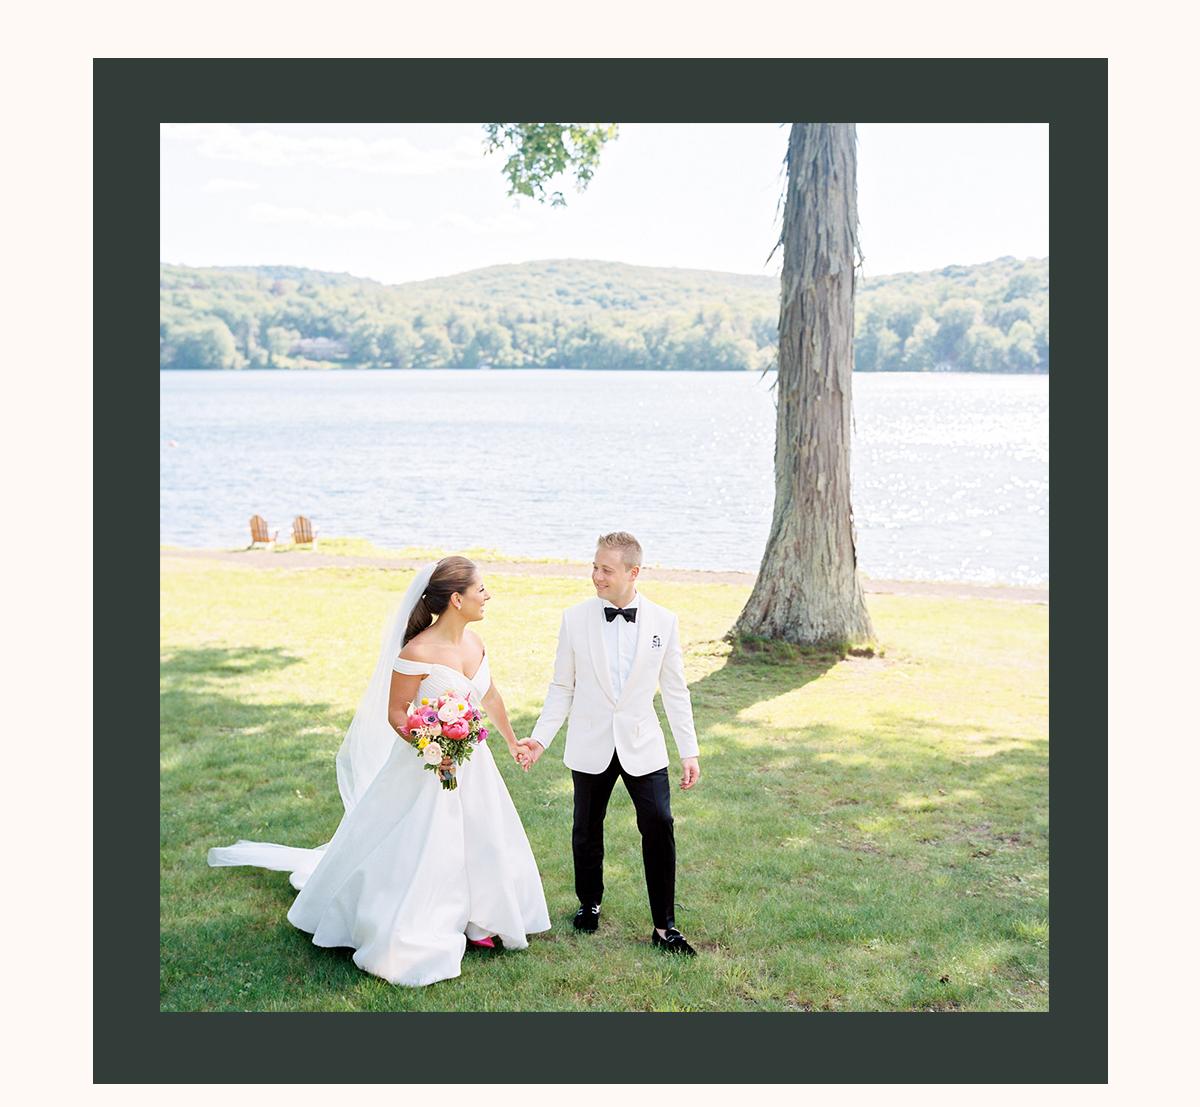 Tuxedo Club Tuxedo Park NY Wedding Photographer 12 - THE TUXEDO CLUB WEDDING - TUXEDO PARK, NY